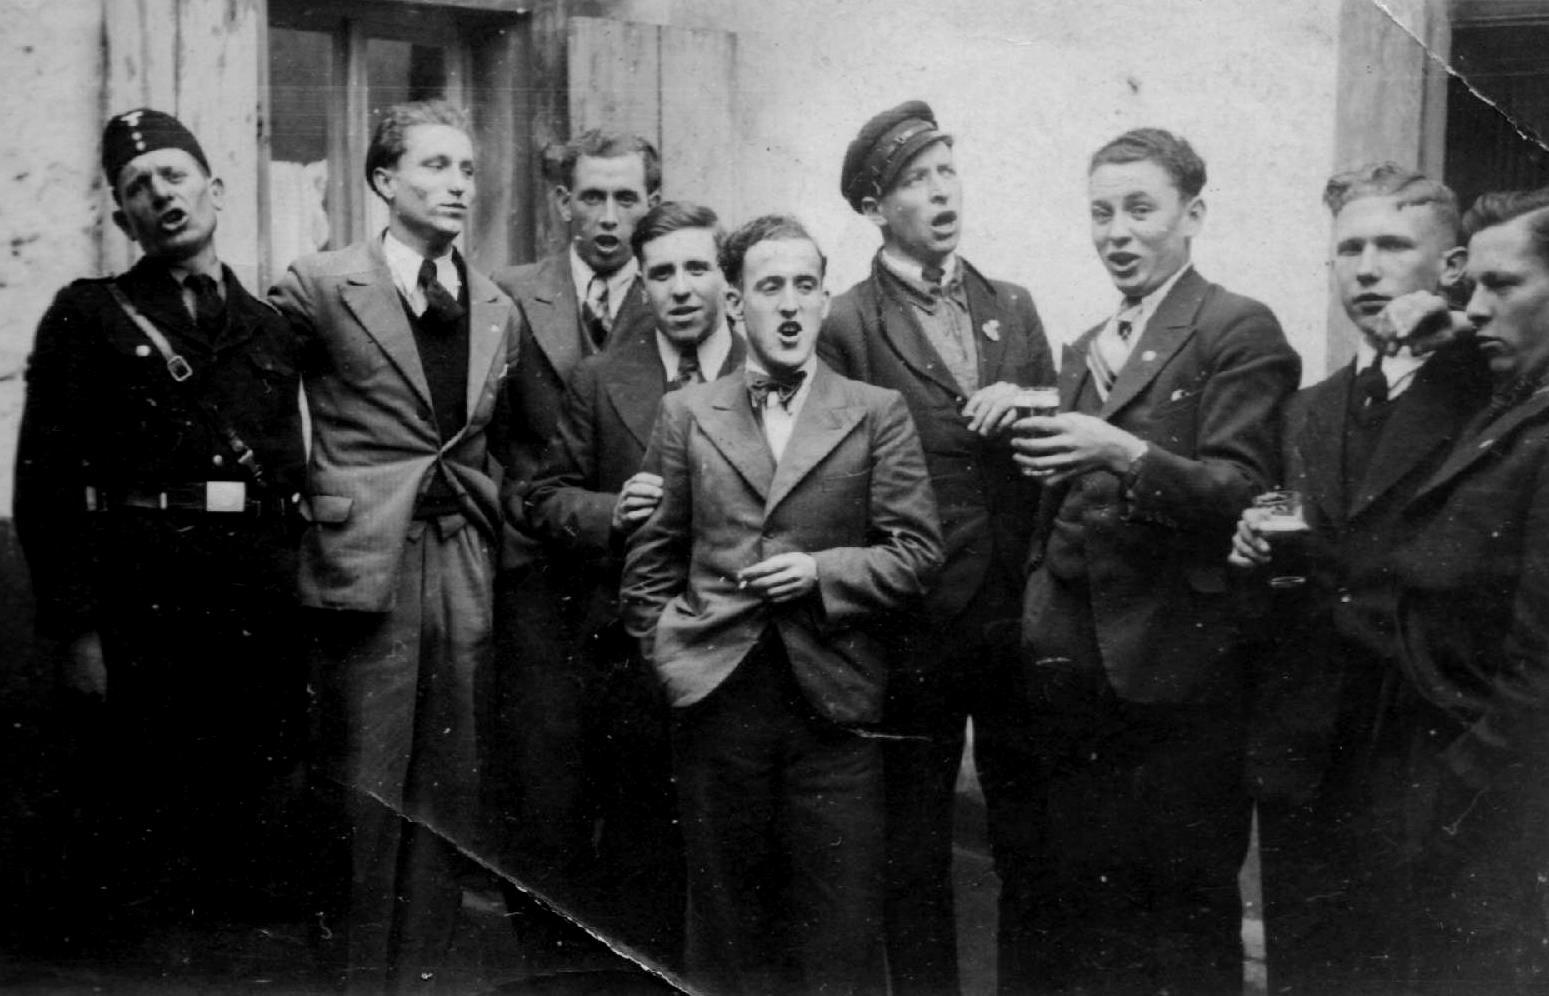 Sonntags nach dem Spiel im Dorf - 1930er Jahre